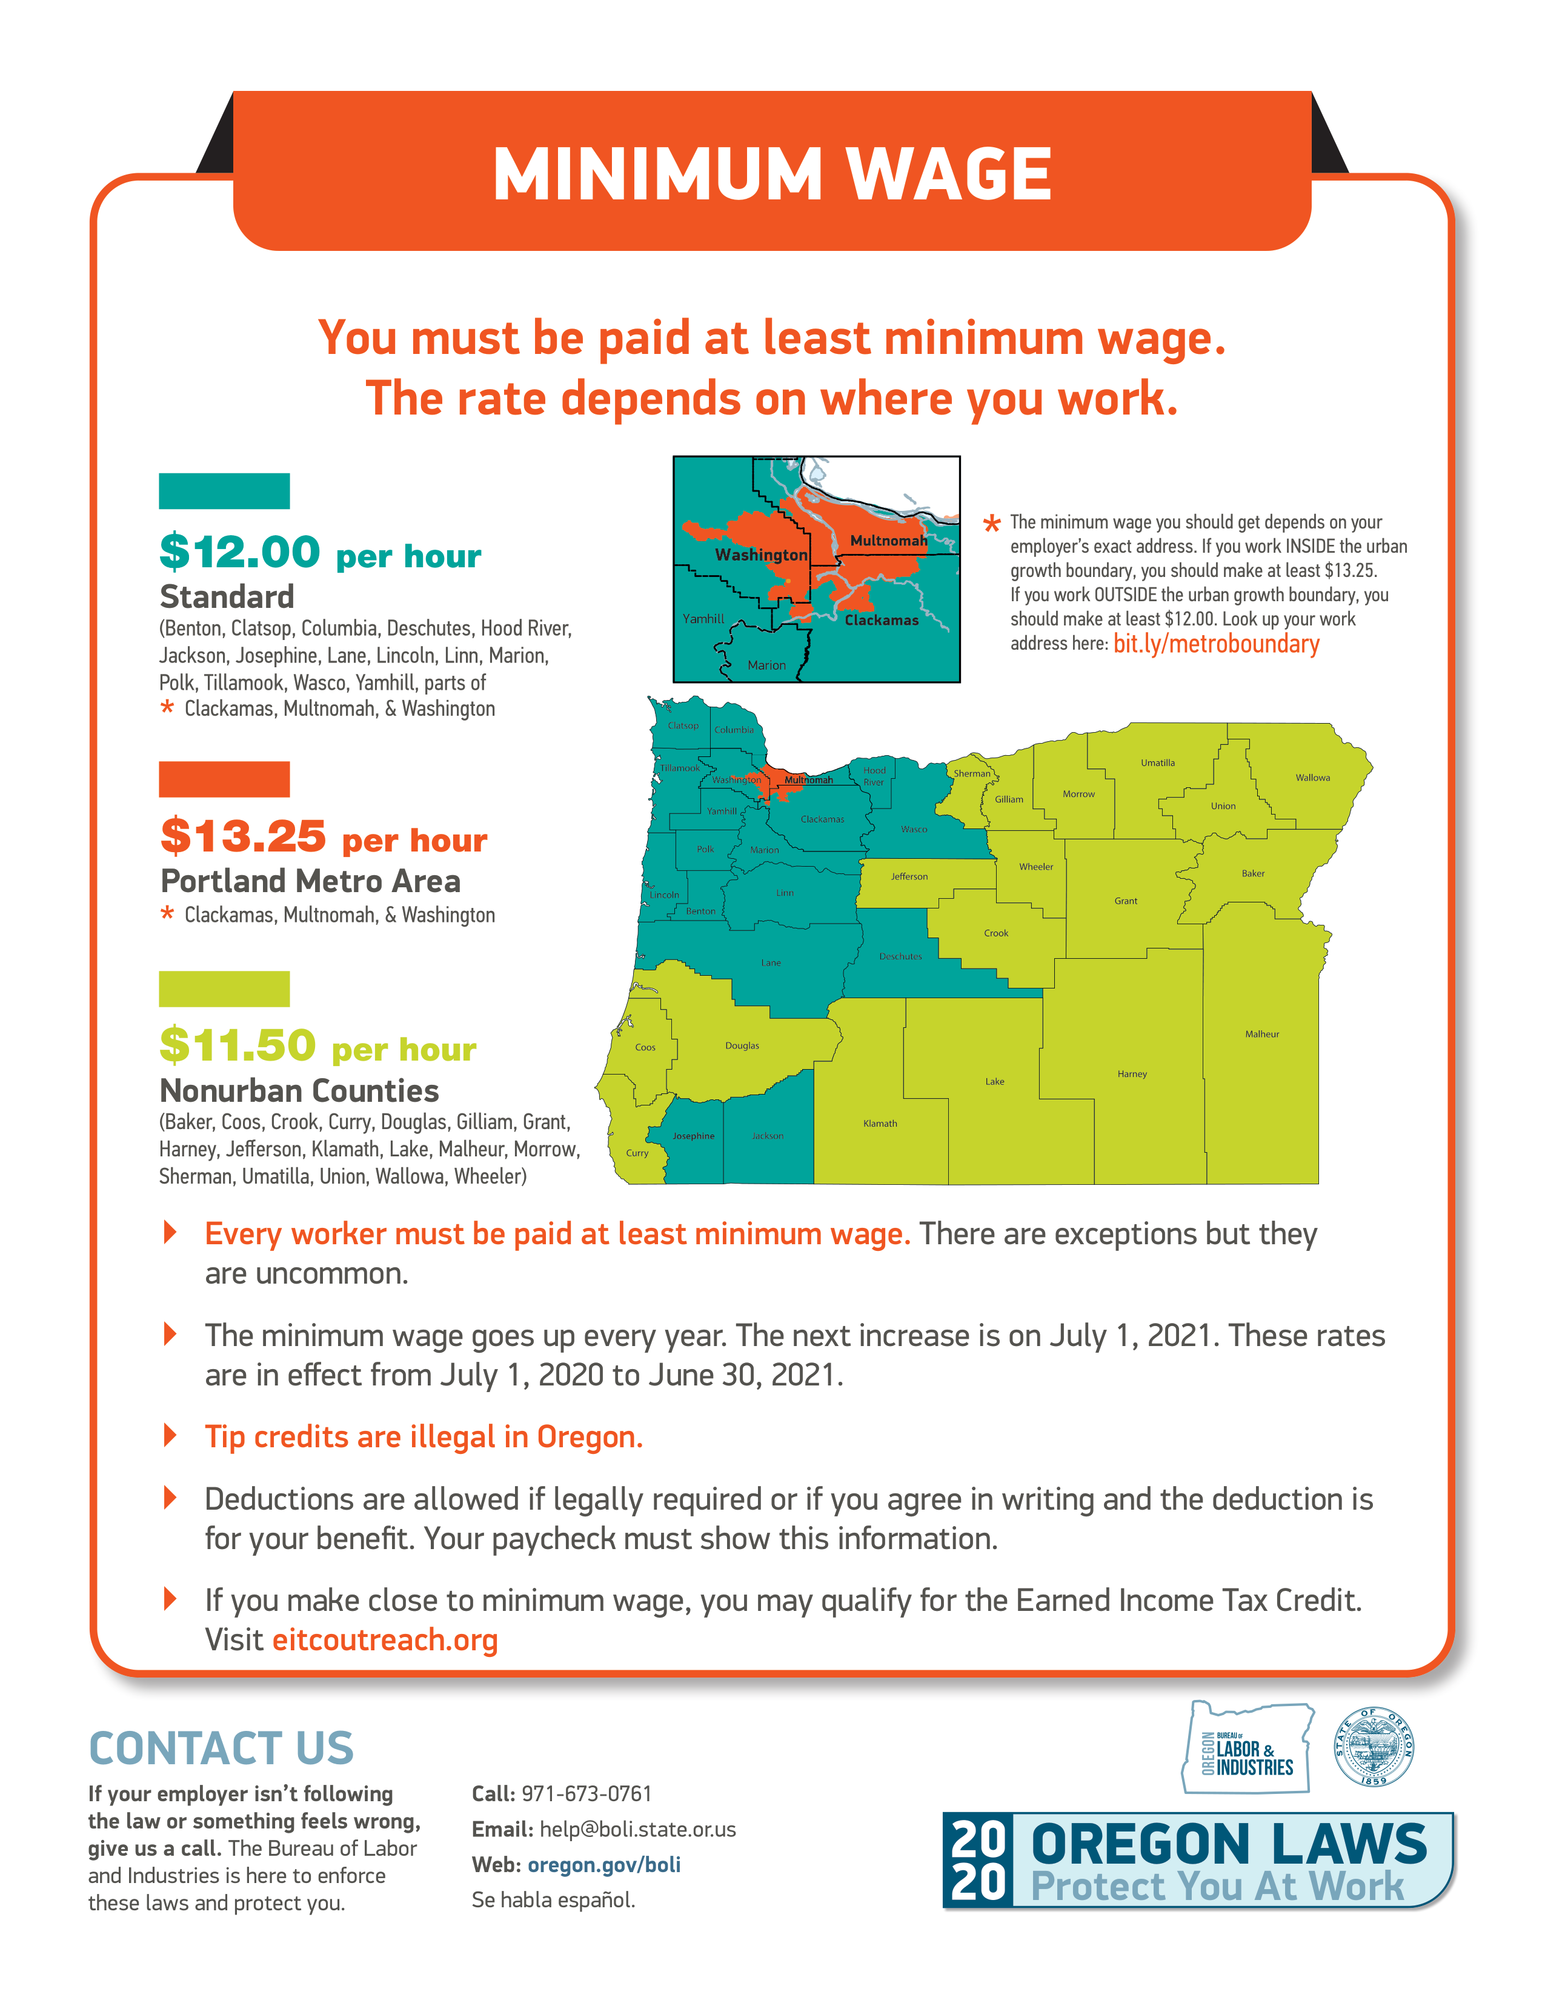 BOLI wage map